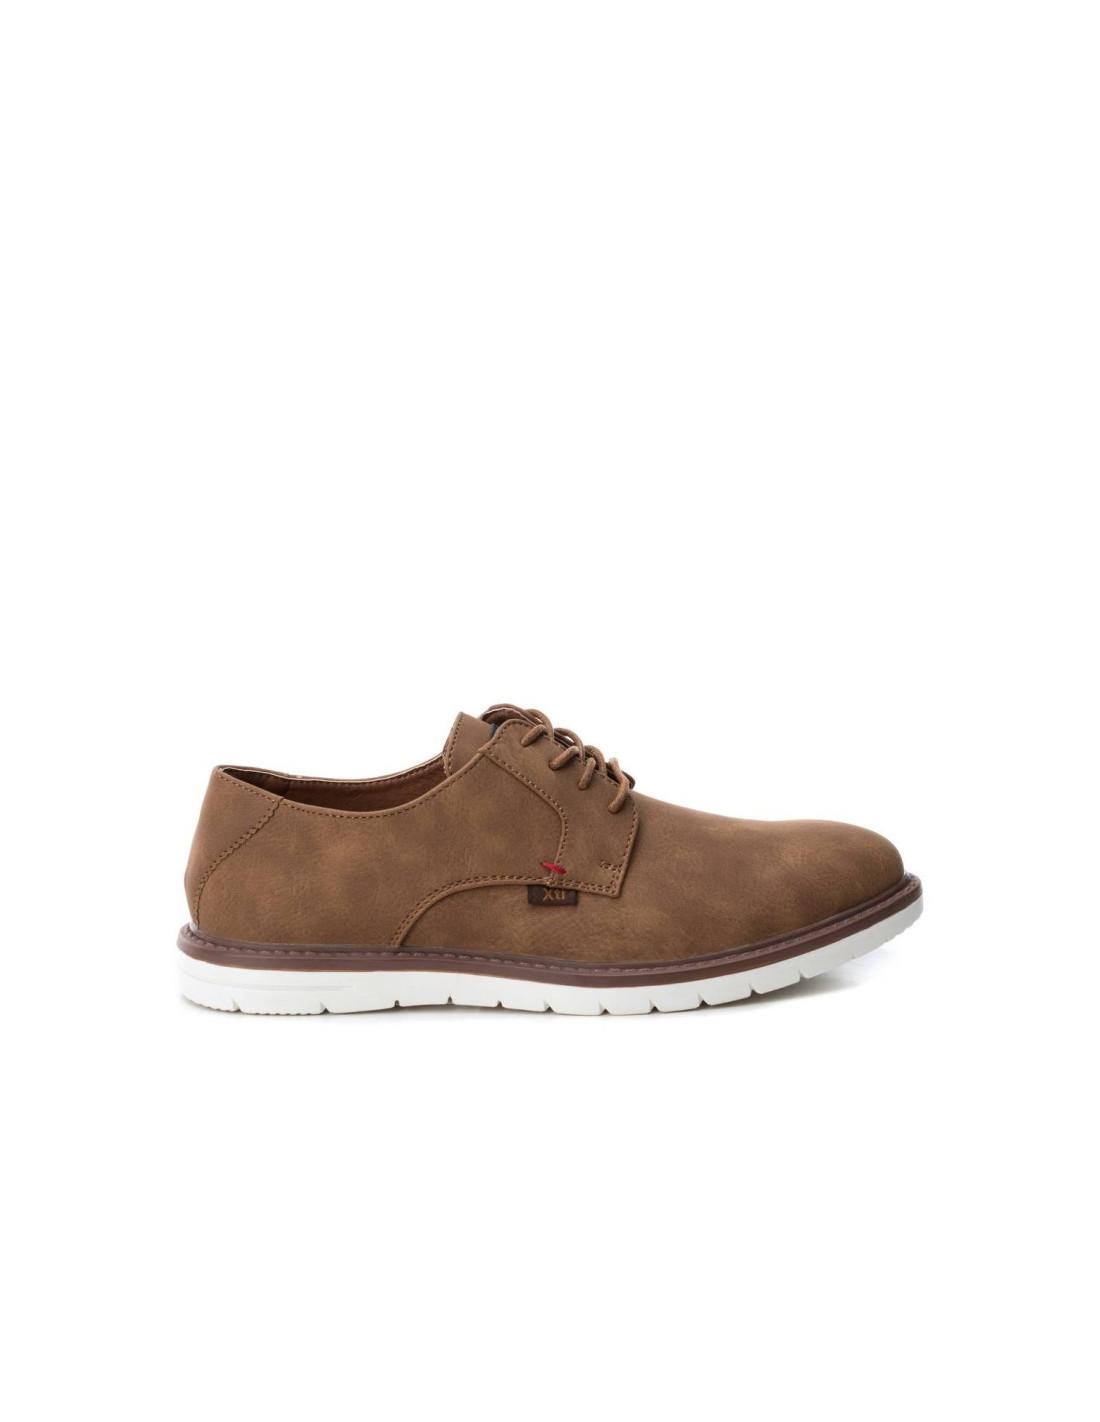 d55b14cefbc zapato de hombre marca xti suela blanca color camel envío gratis